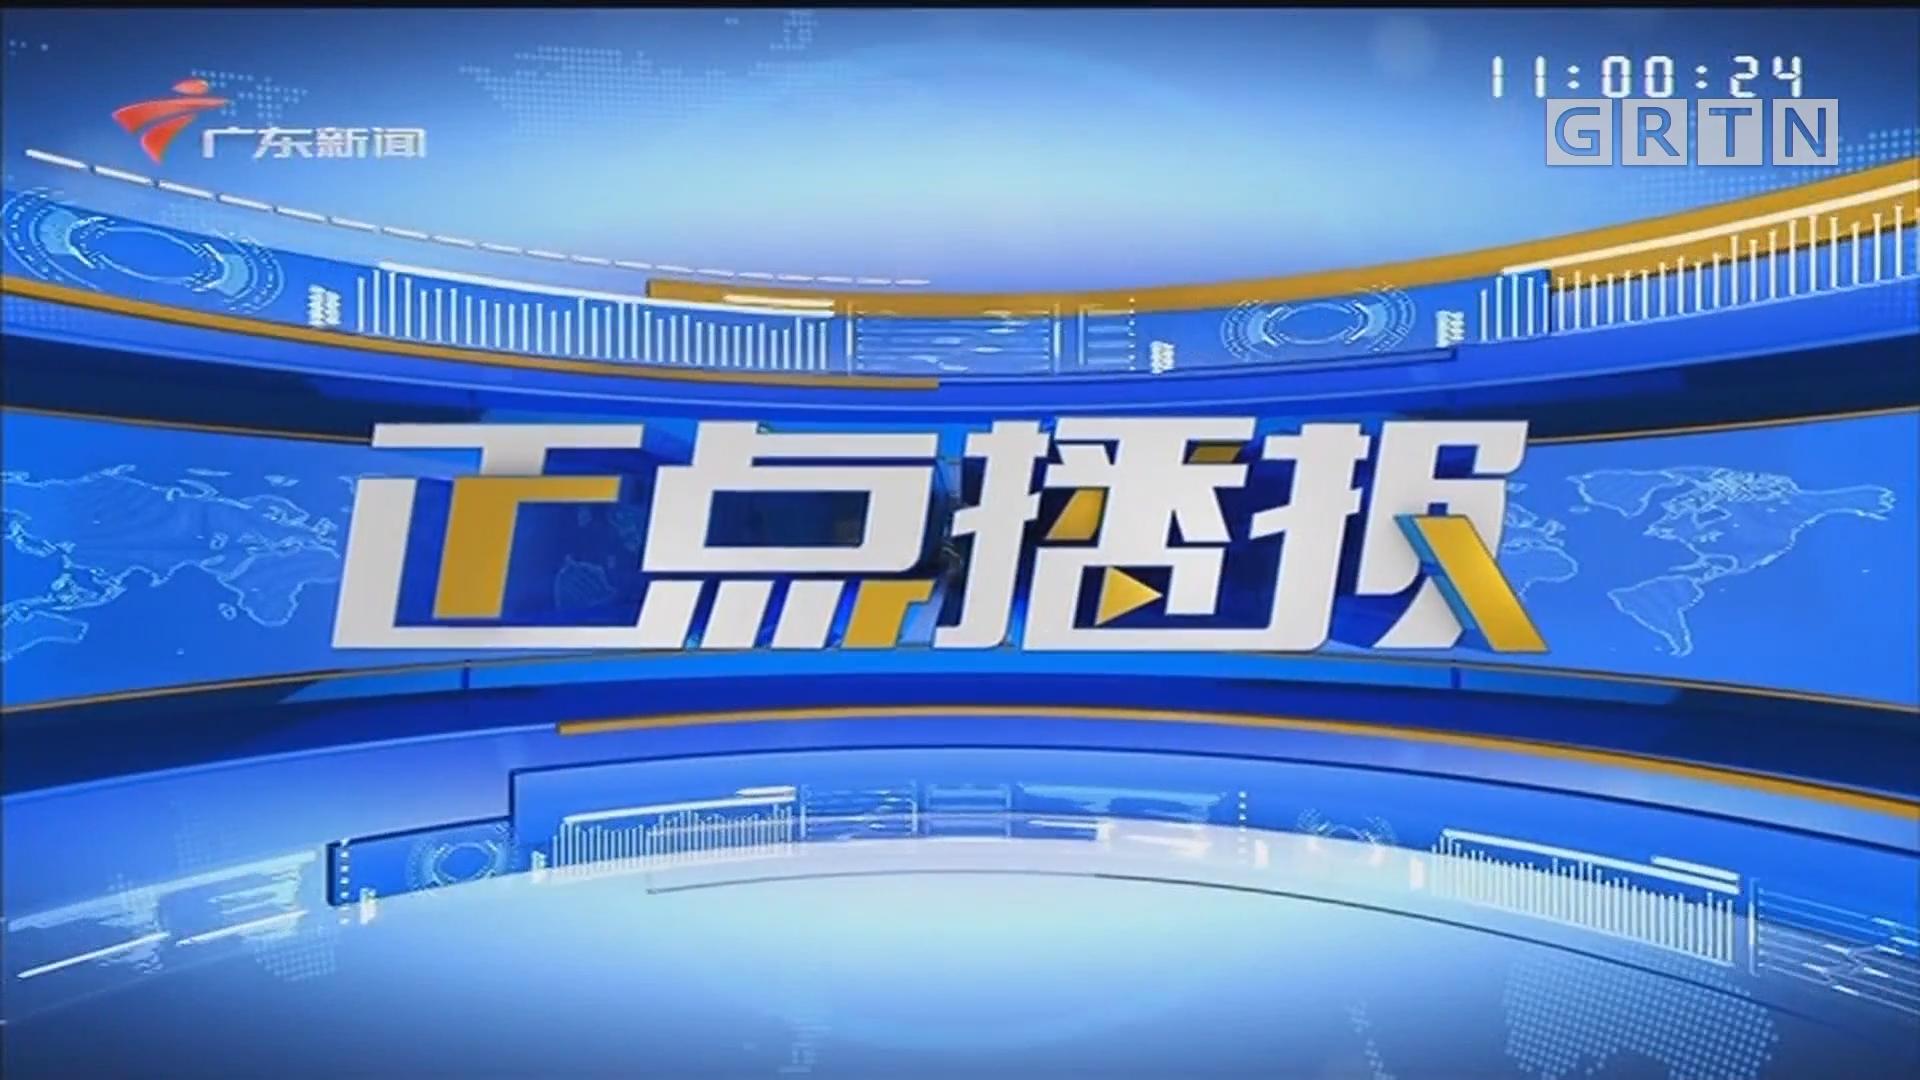 [HD][2020-01-26-11:00]正点播报:广东新增20例确诊病例 揭阳首次报告3例